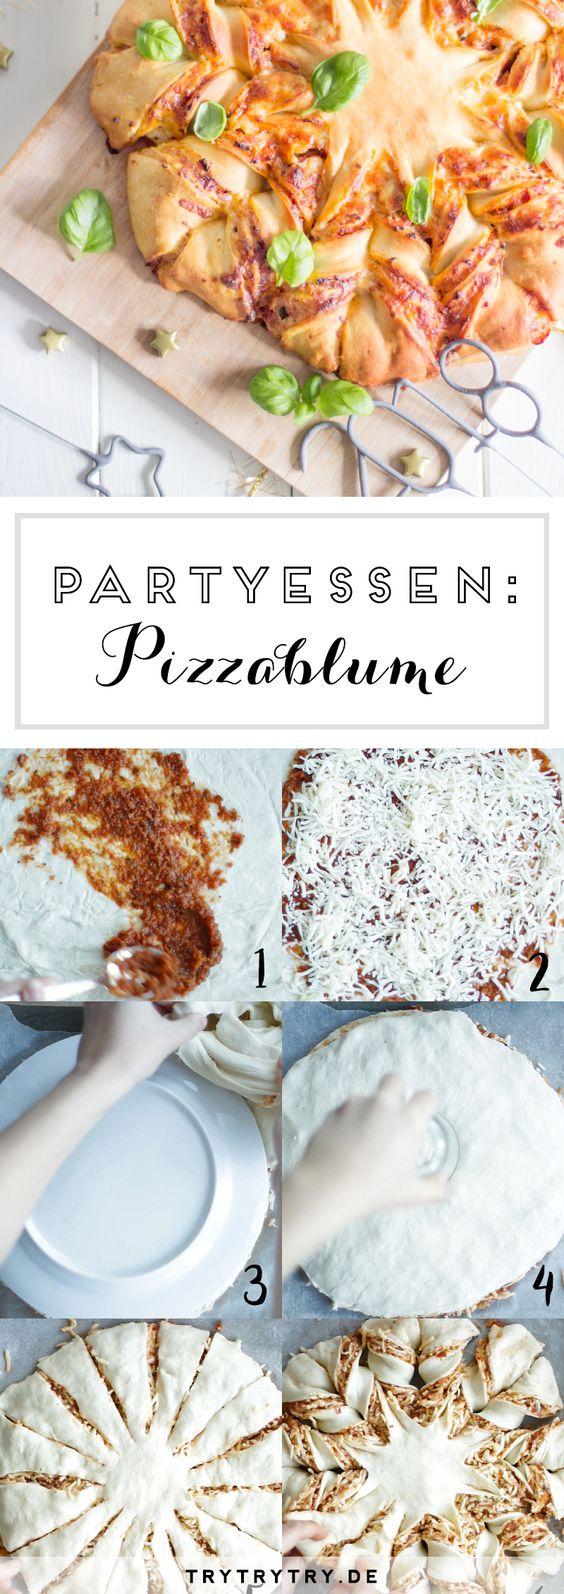 Das perfekte Partyessen: Pizzablume